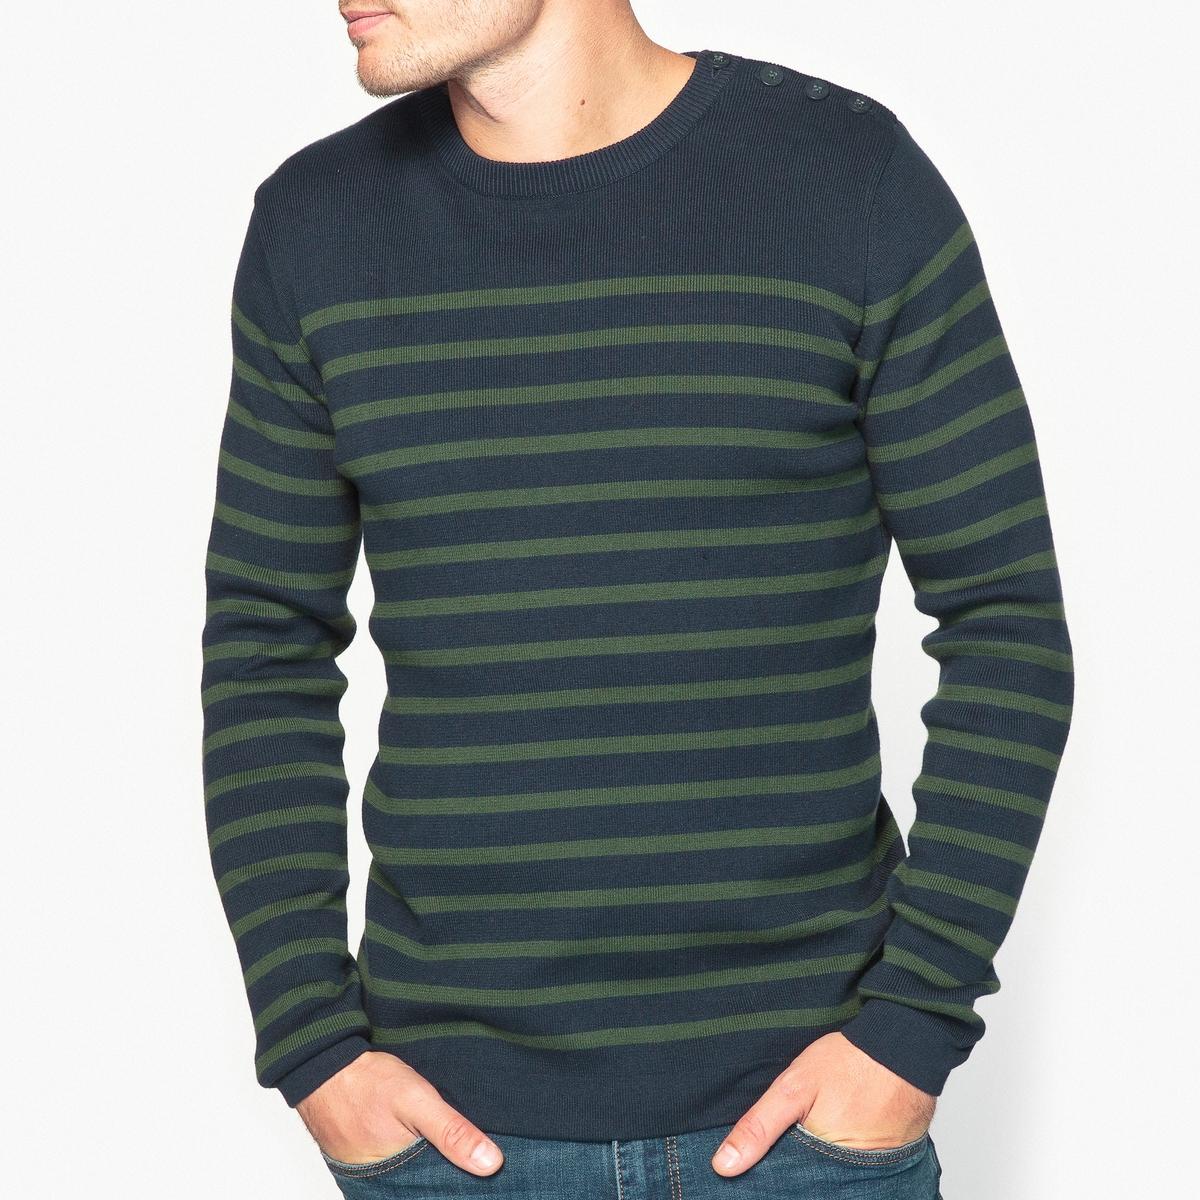 Пуловер с круглым вырезом в полоску из 100% биохлопка-Oeko Tex